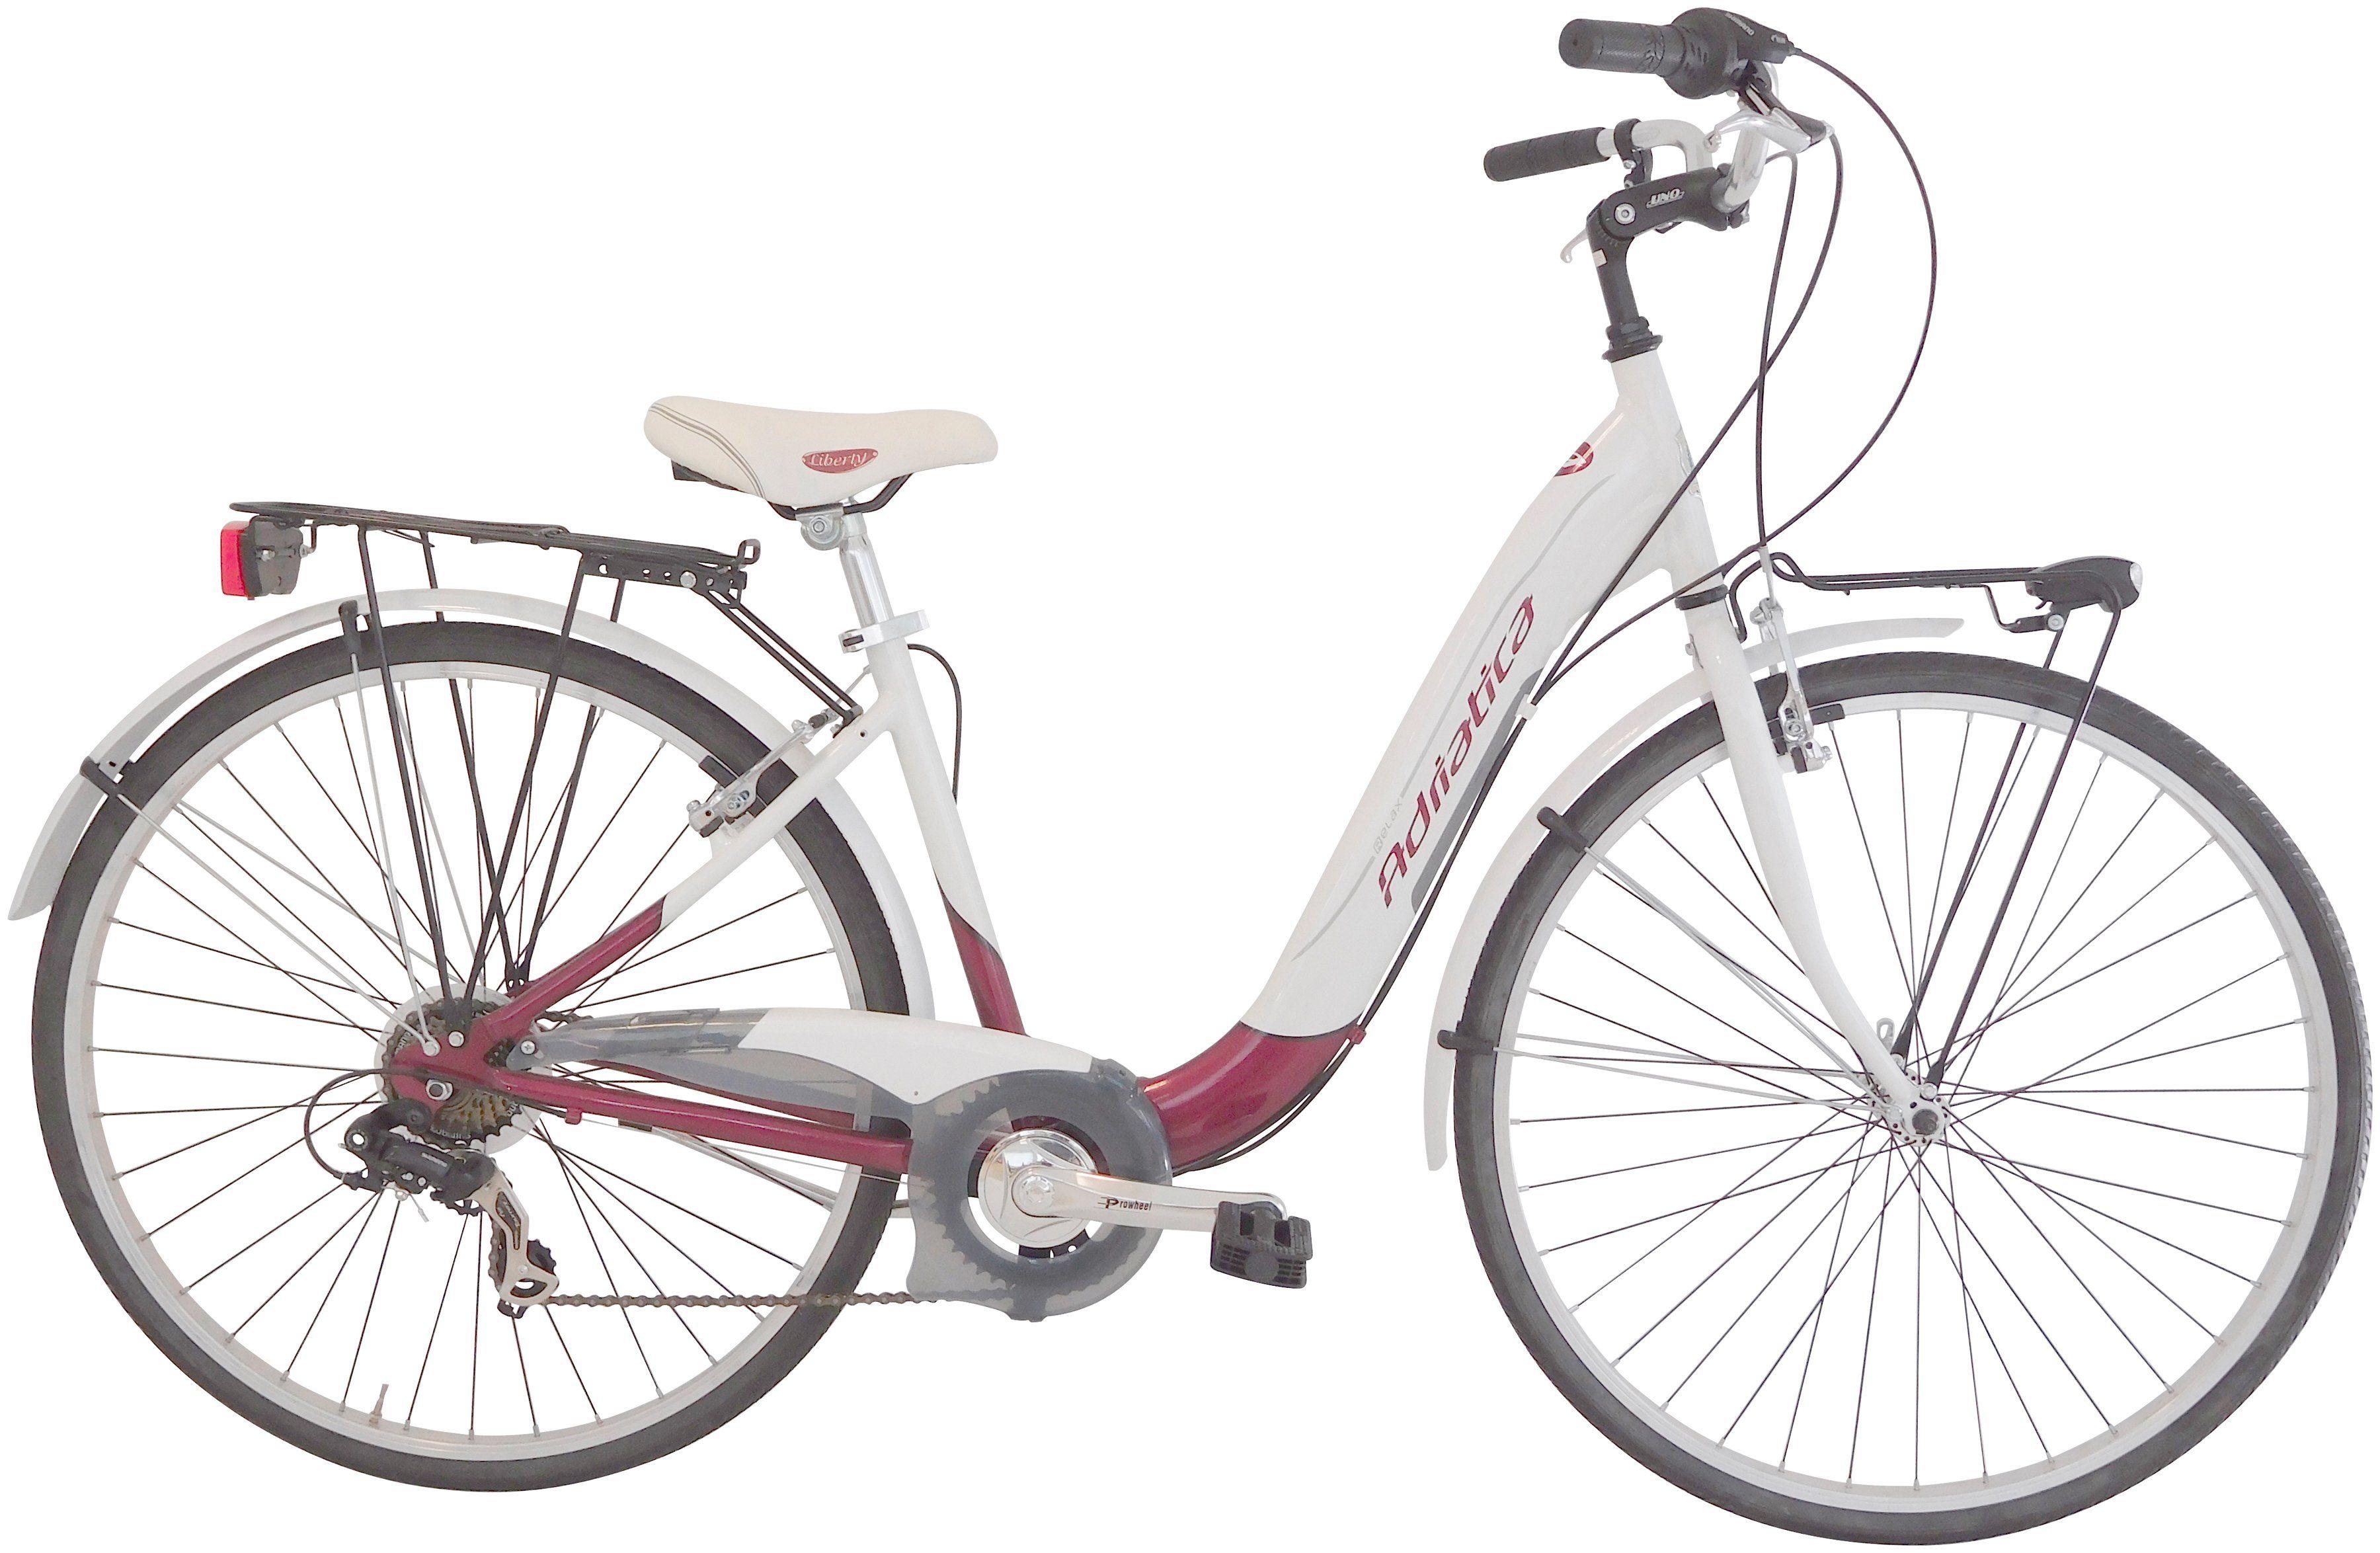 Citybike Damen »Relax«, 28 Zoll, 6 Gang, Felgenbremse